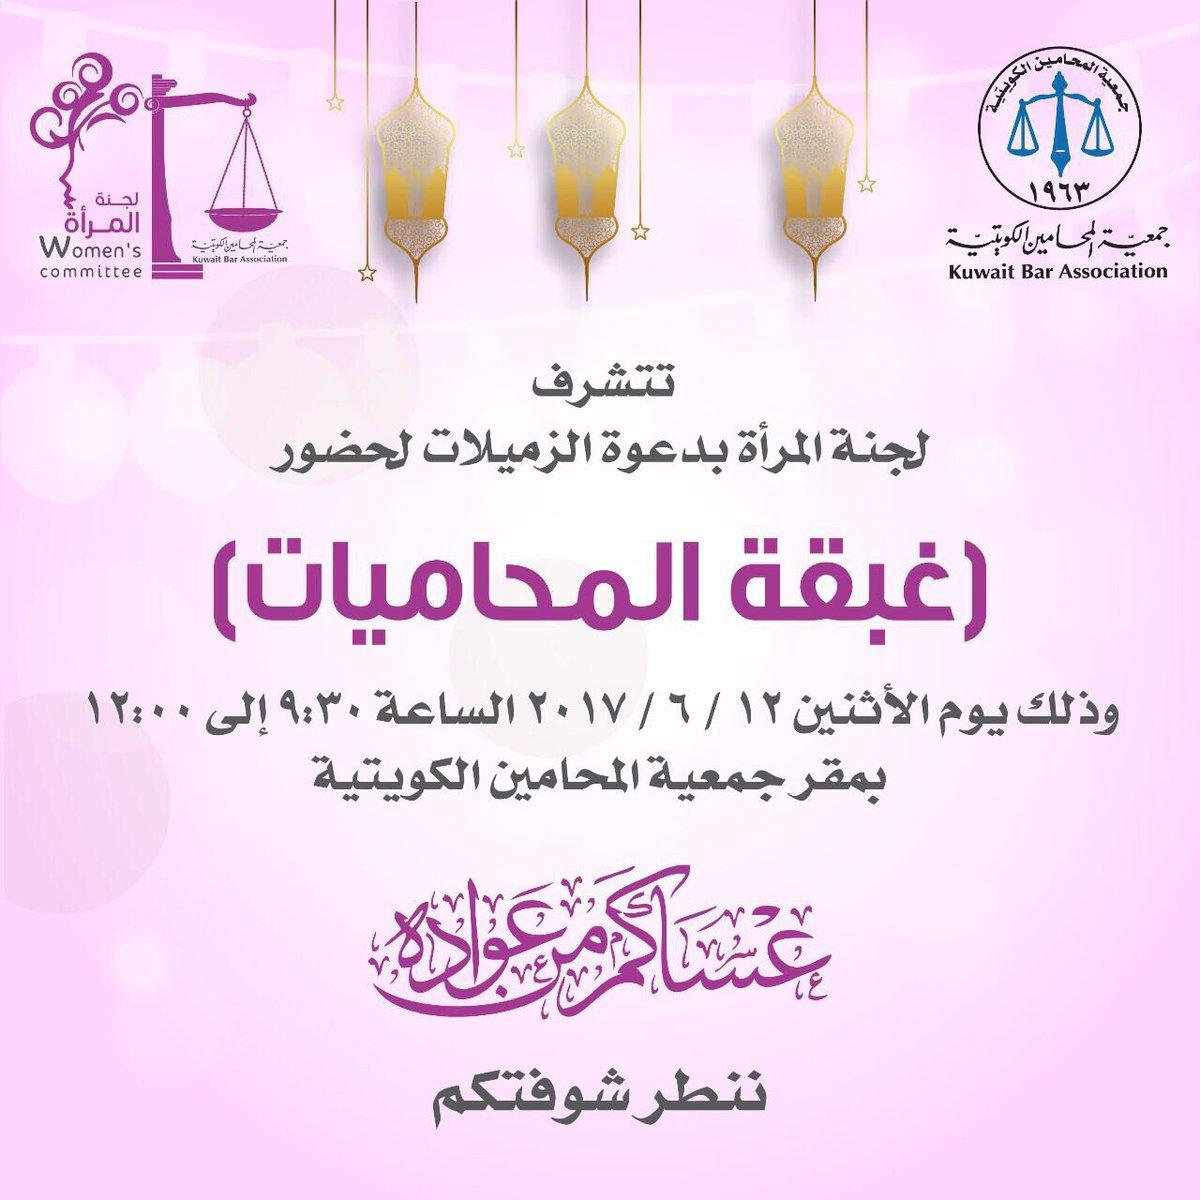 تتشرف لجنة المرأة بدعوة الزميلات لحضور ( غبقة المحاميات ) يوم الاثنين ١٢/٦ الساعة ٩:٣٠ بمقر #جمعية_المحامين_الكويتية    * الحضور للنساء فقطpic.twitter.com/c05w9bGH6Q